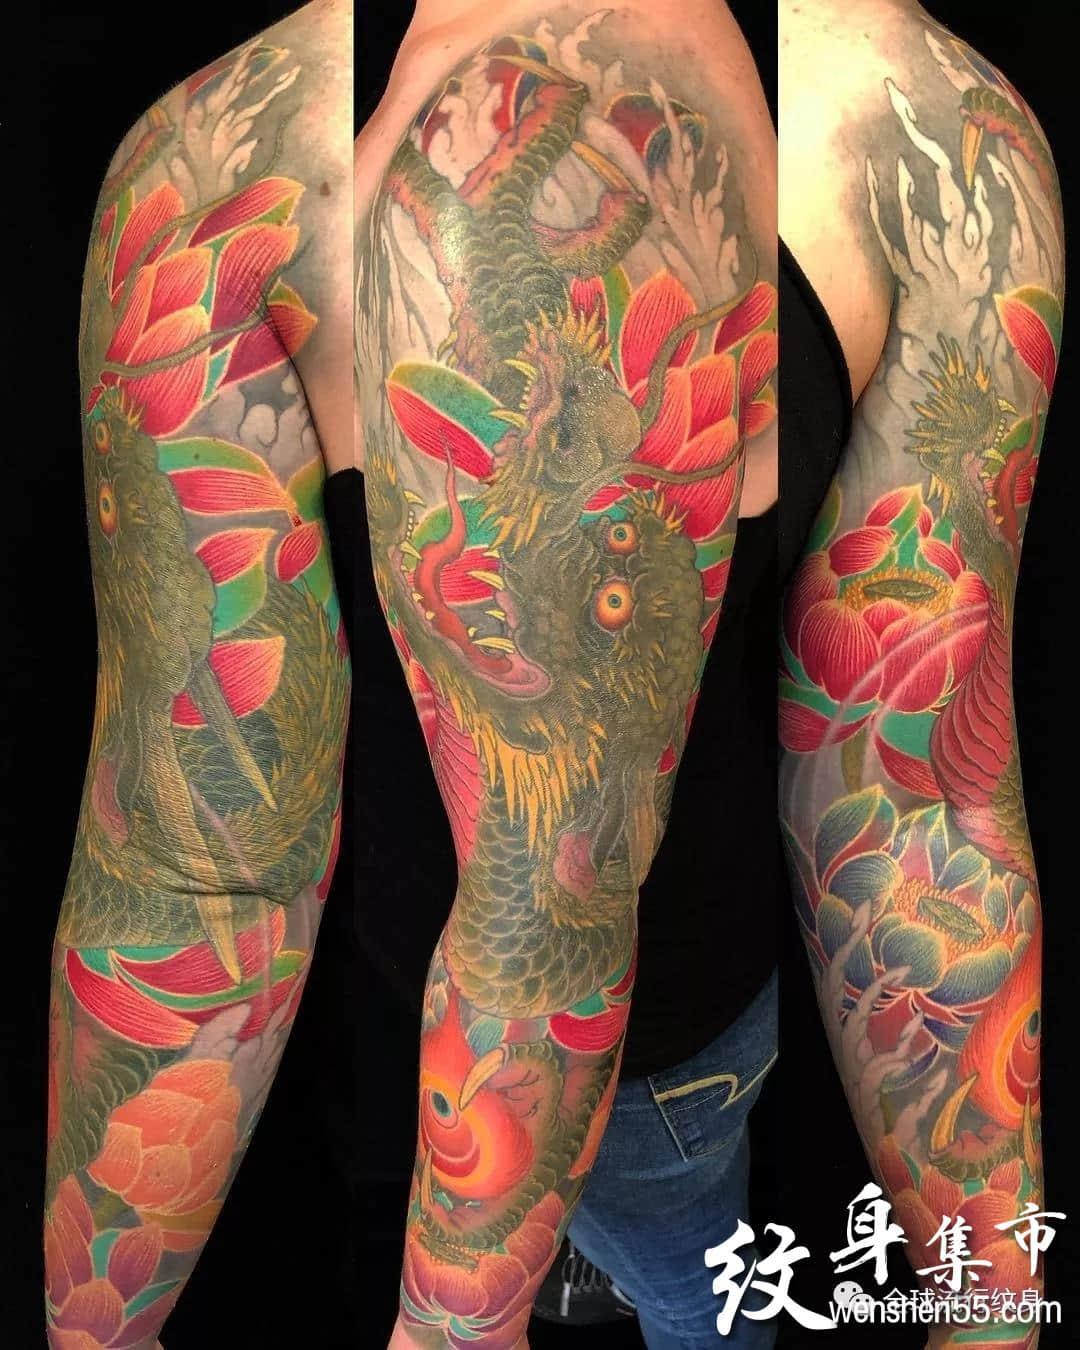 日本纹身大师黄炎纹身作品欣赏,纹身艺术家连载